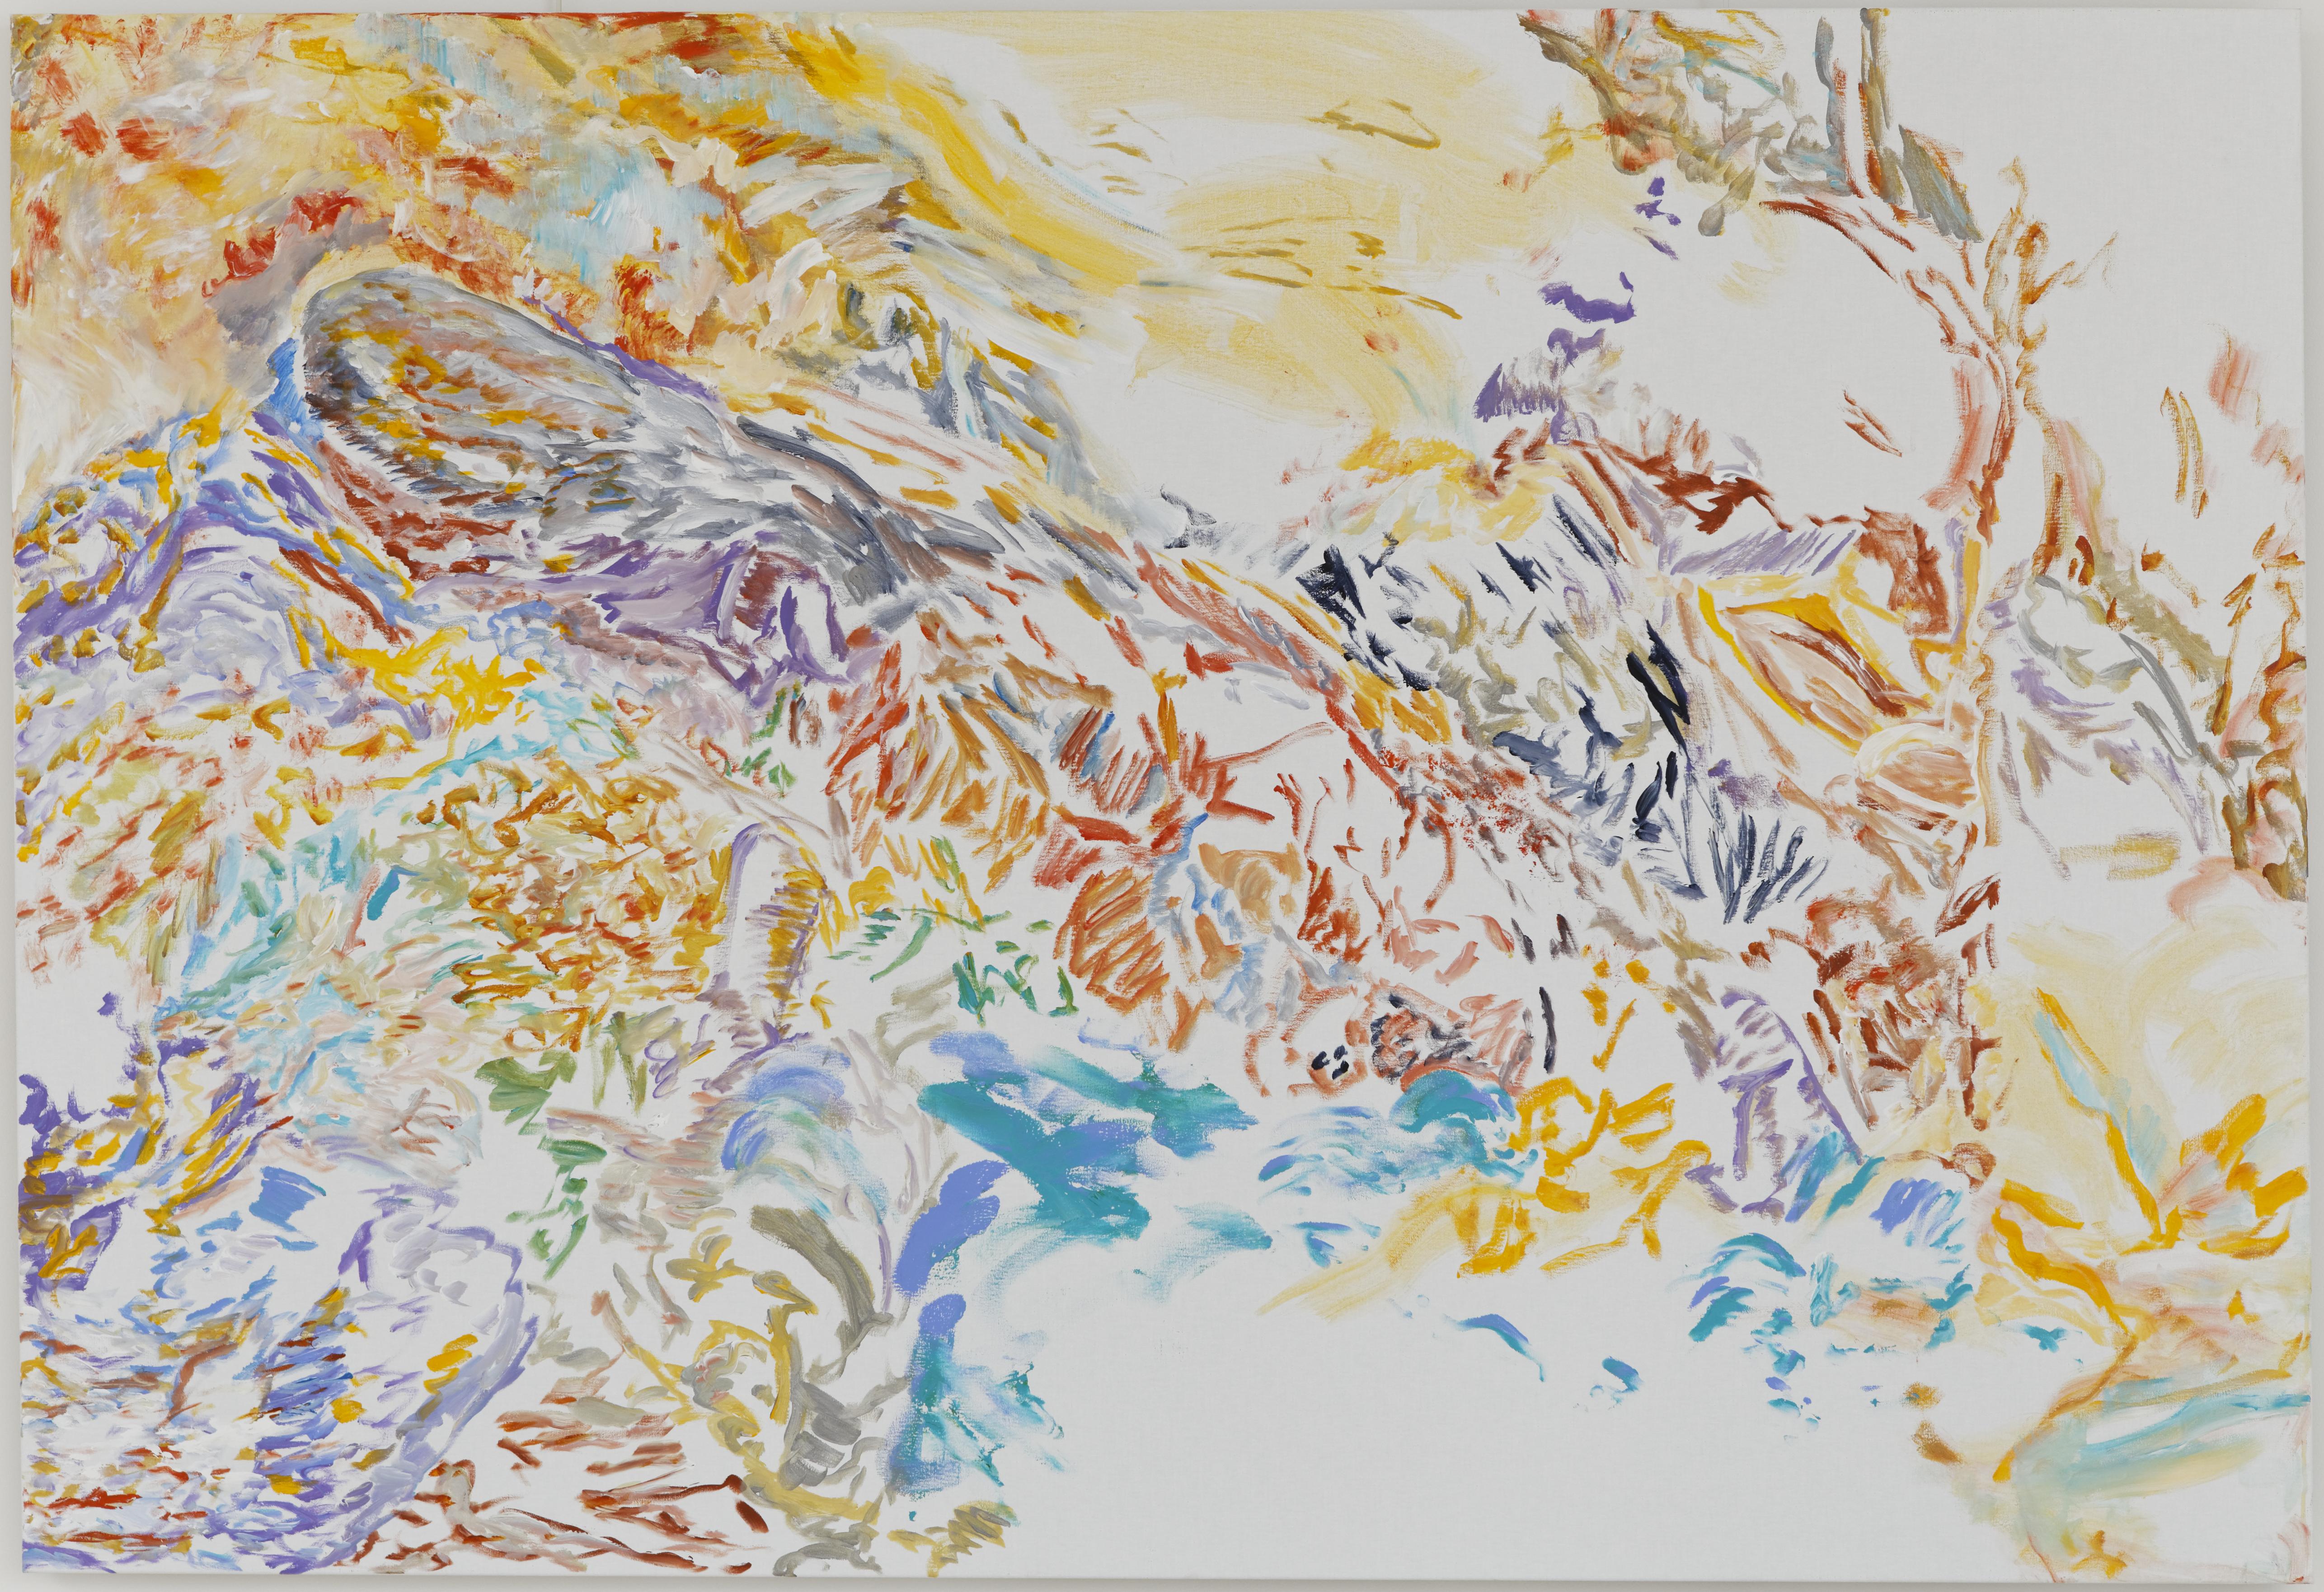 Au doigt et à l'oeil (acrylic on canvas, 130 x 190 cm - 2016).